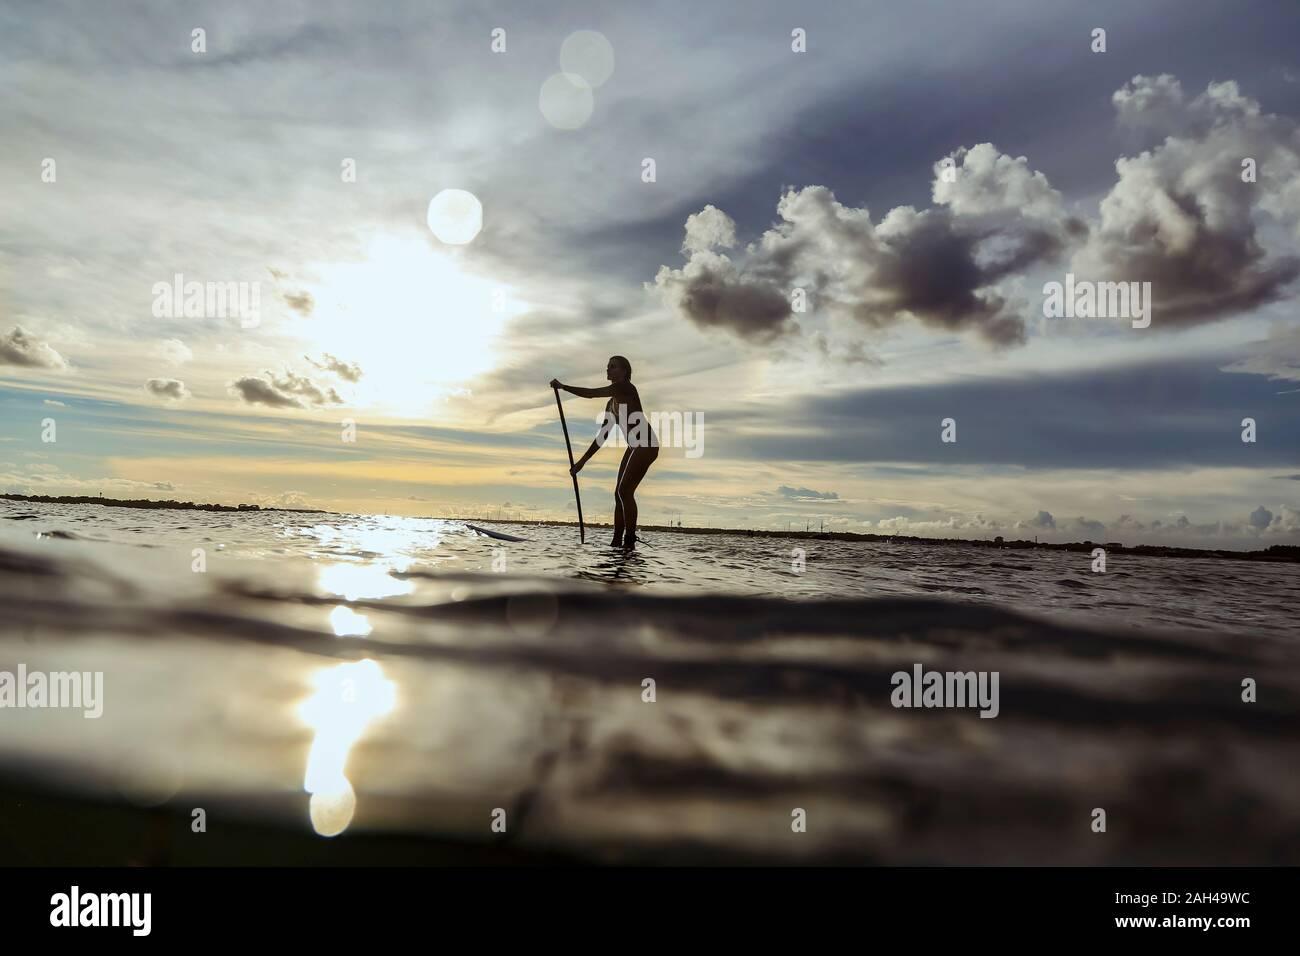 Weibliche SUP Surfer bei Sonnenuntergang, Bali, Indonesien Stockfoto